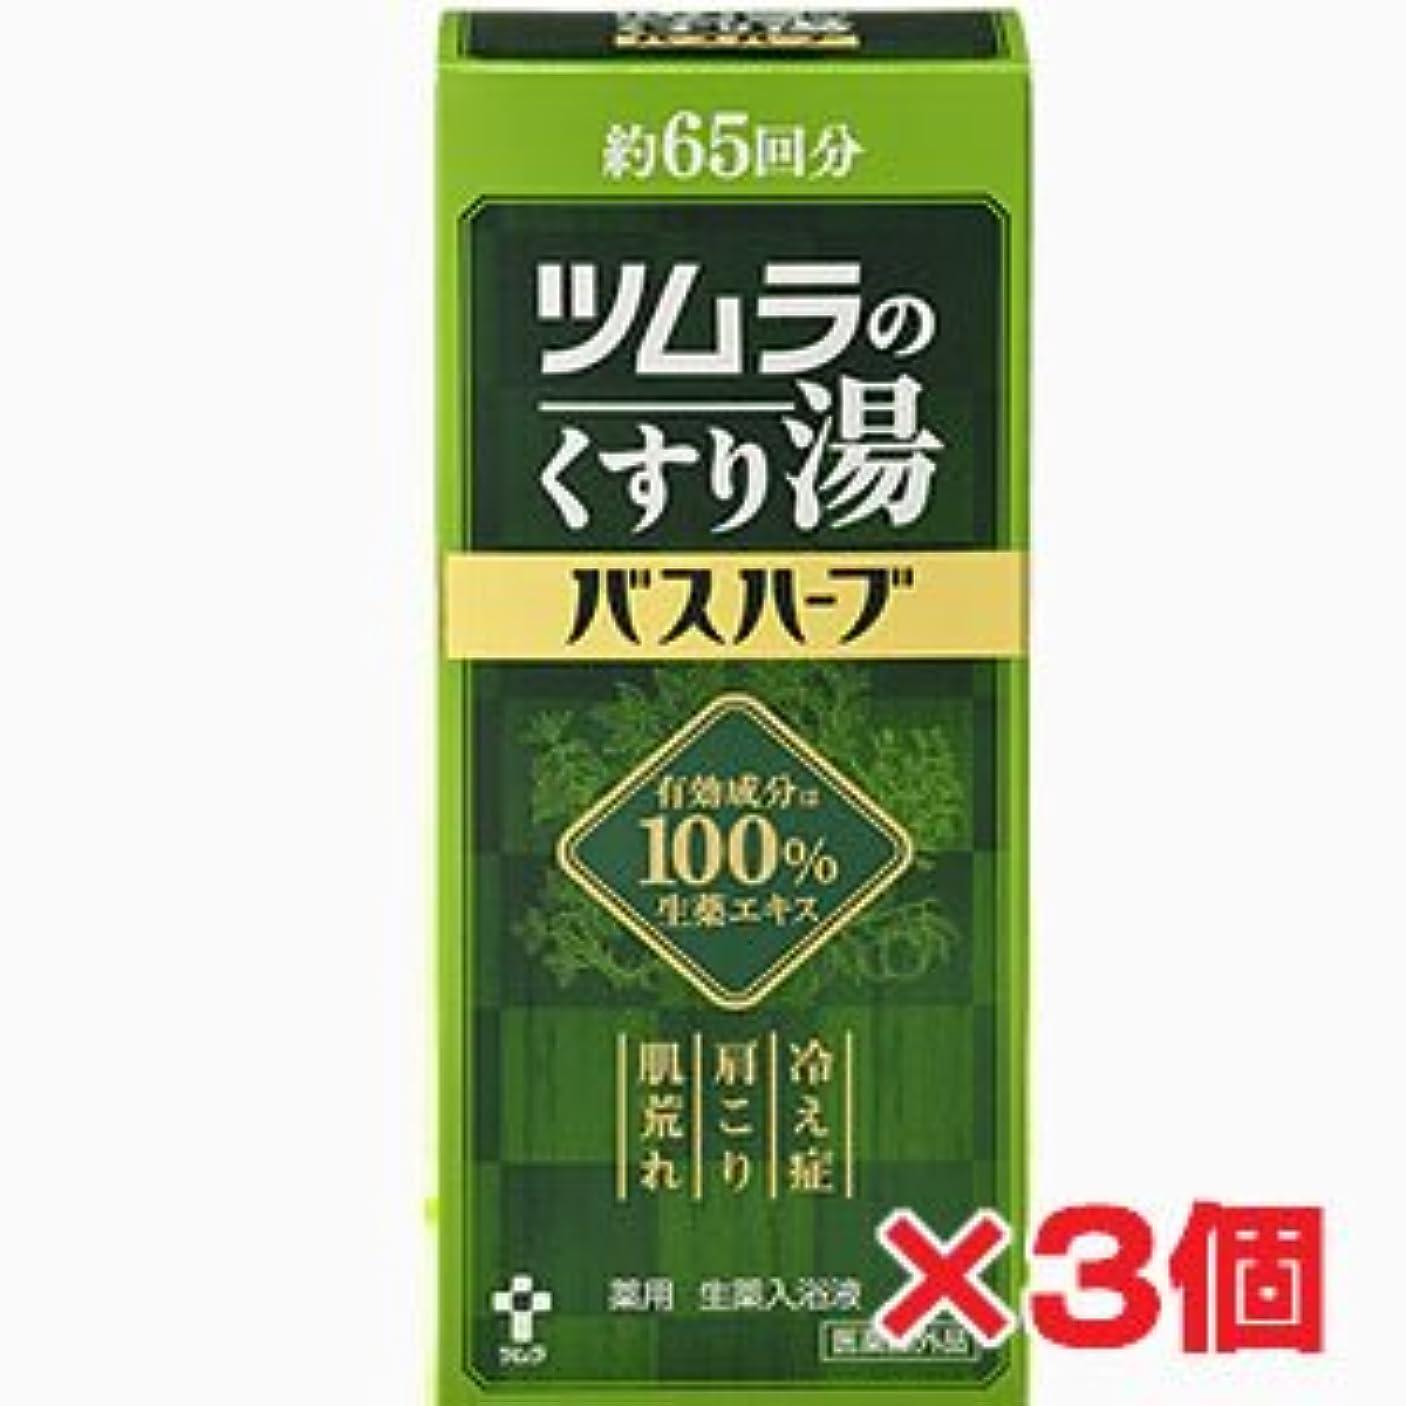 モニター長方形クスクス【3本】ツムラのくすり湯 バスハーブ 650ml×3本